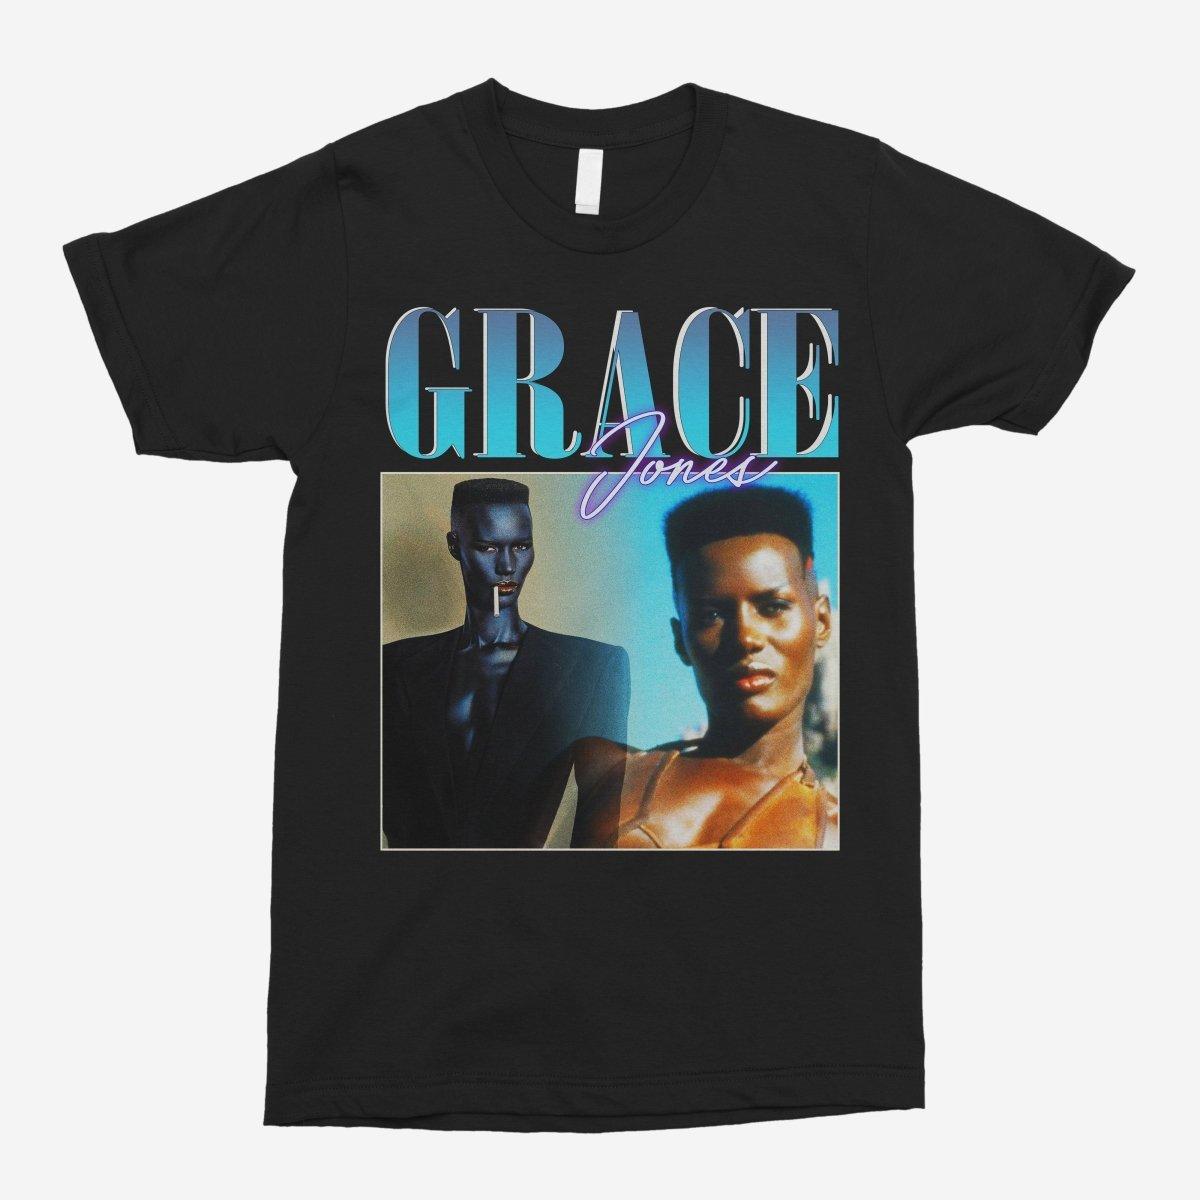 Grace Jones Vintage Unisex T-Shirt